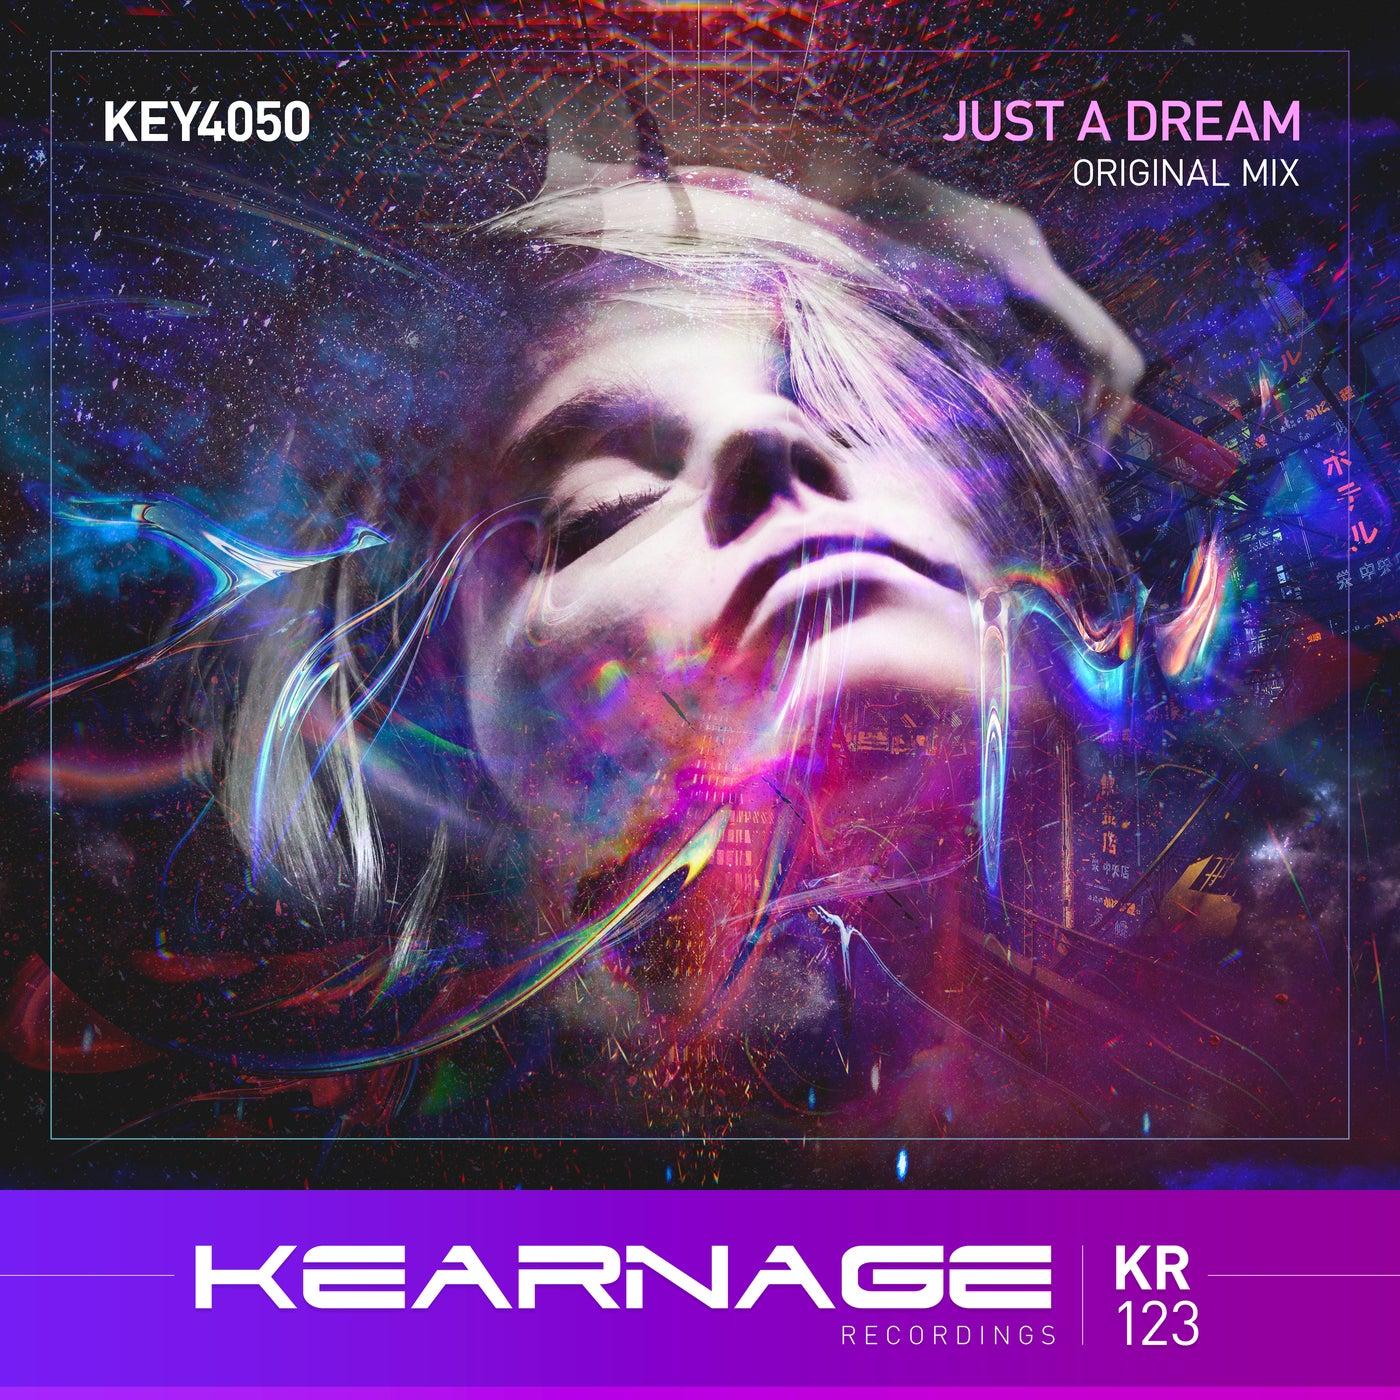 Just A Dream (Original Mix)